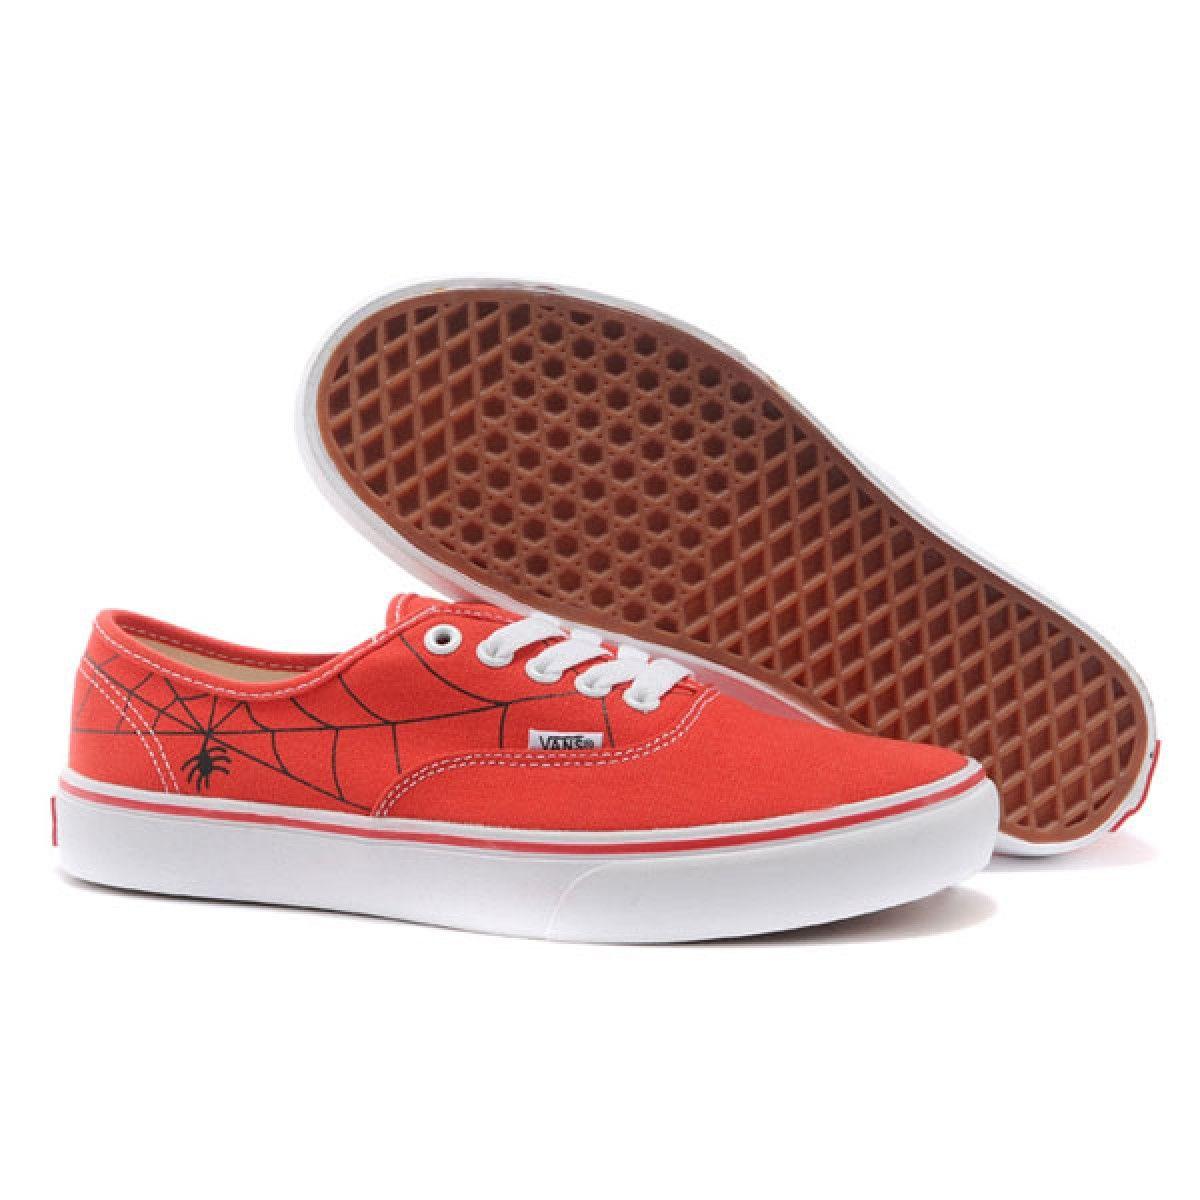 7a4fd4e698 Vans Shoes Red Spider Man Authentic Lite Shoes Unisex Classic Canvas ...